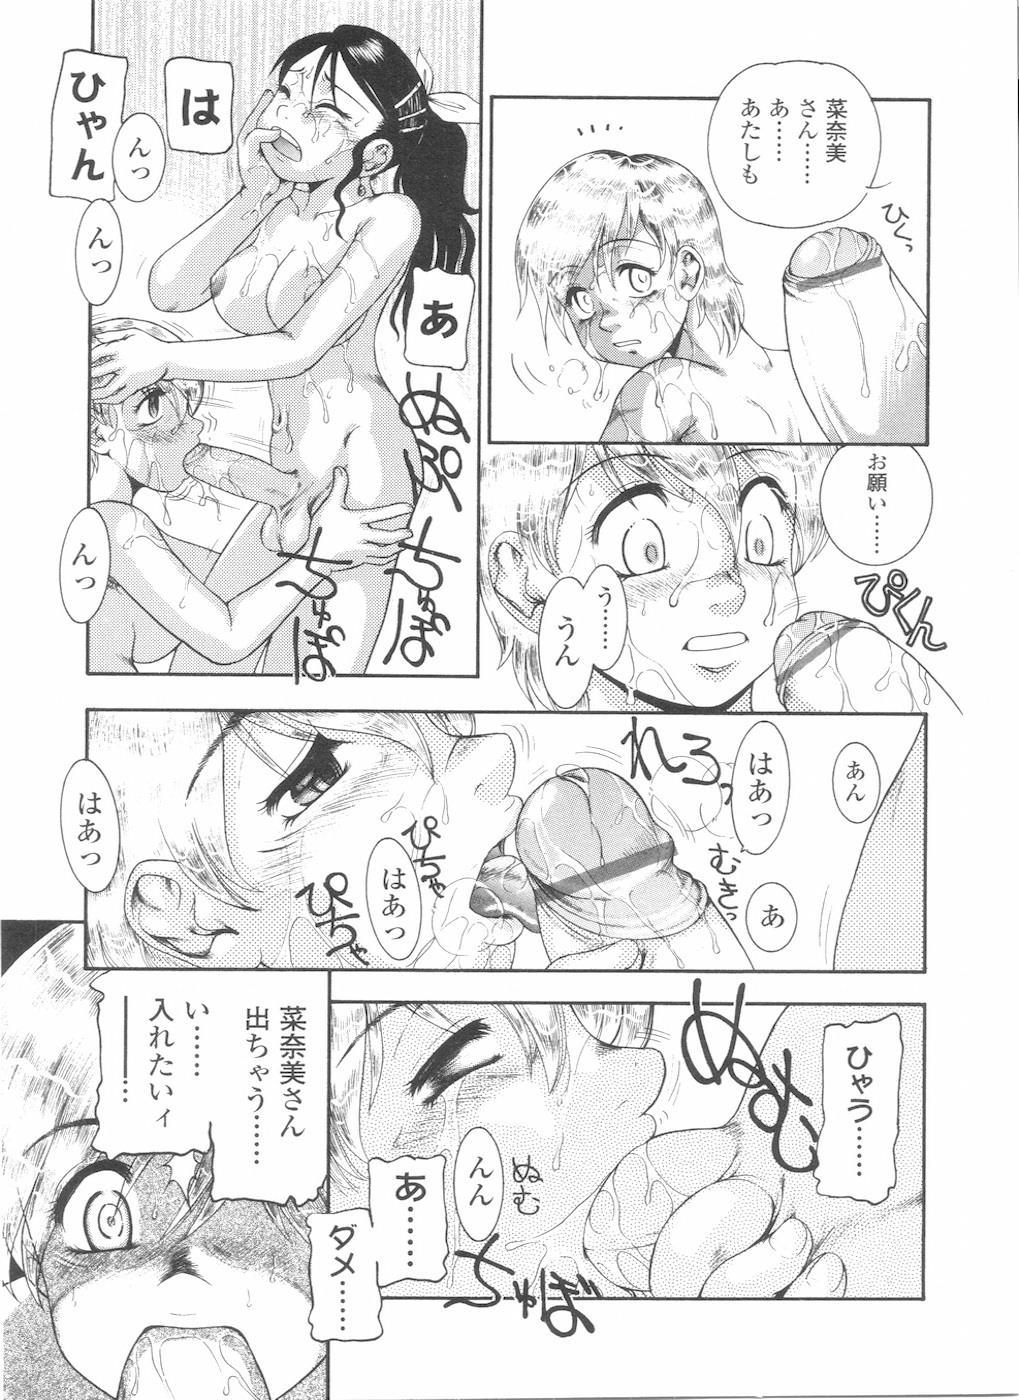 Futanarikko LOVE 11 192